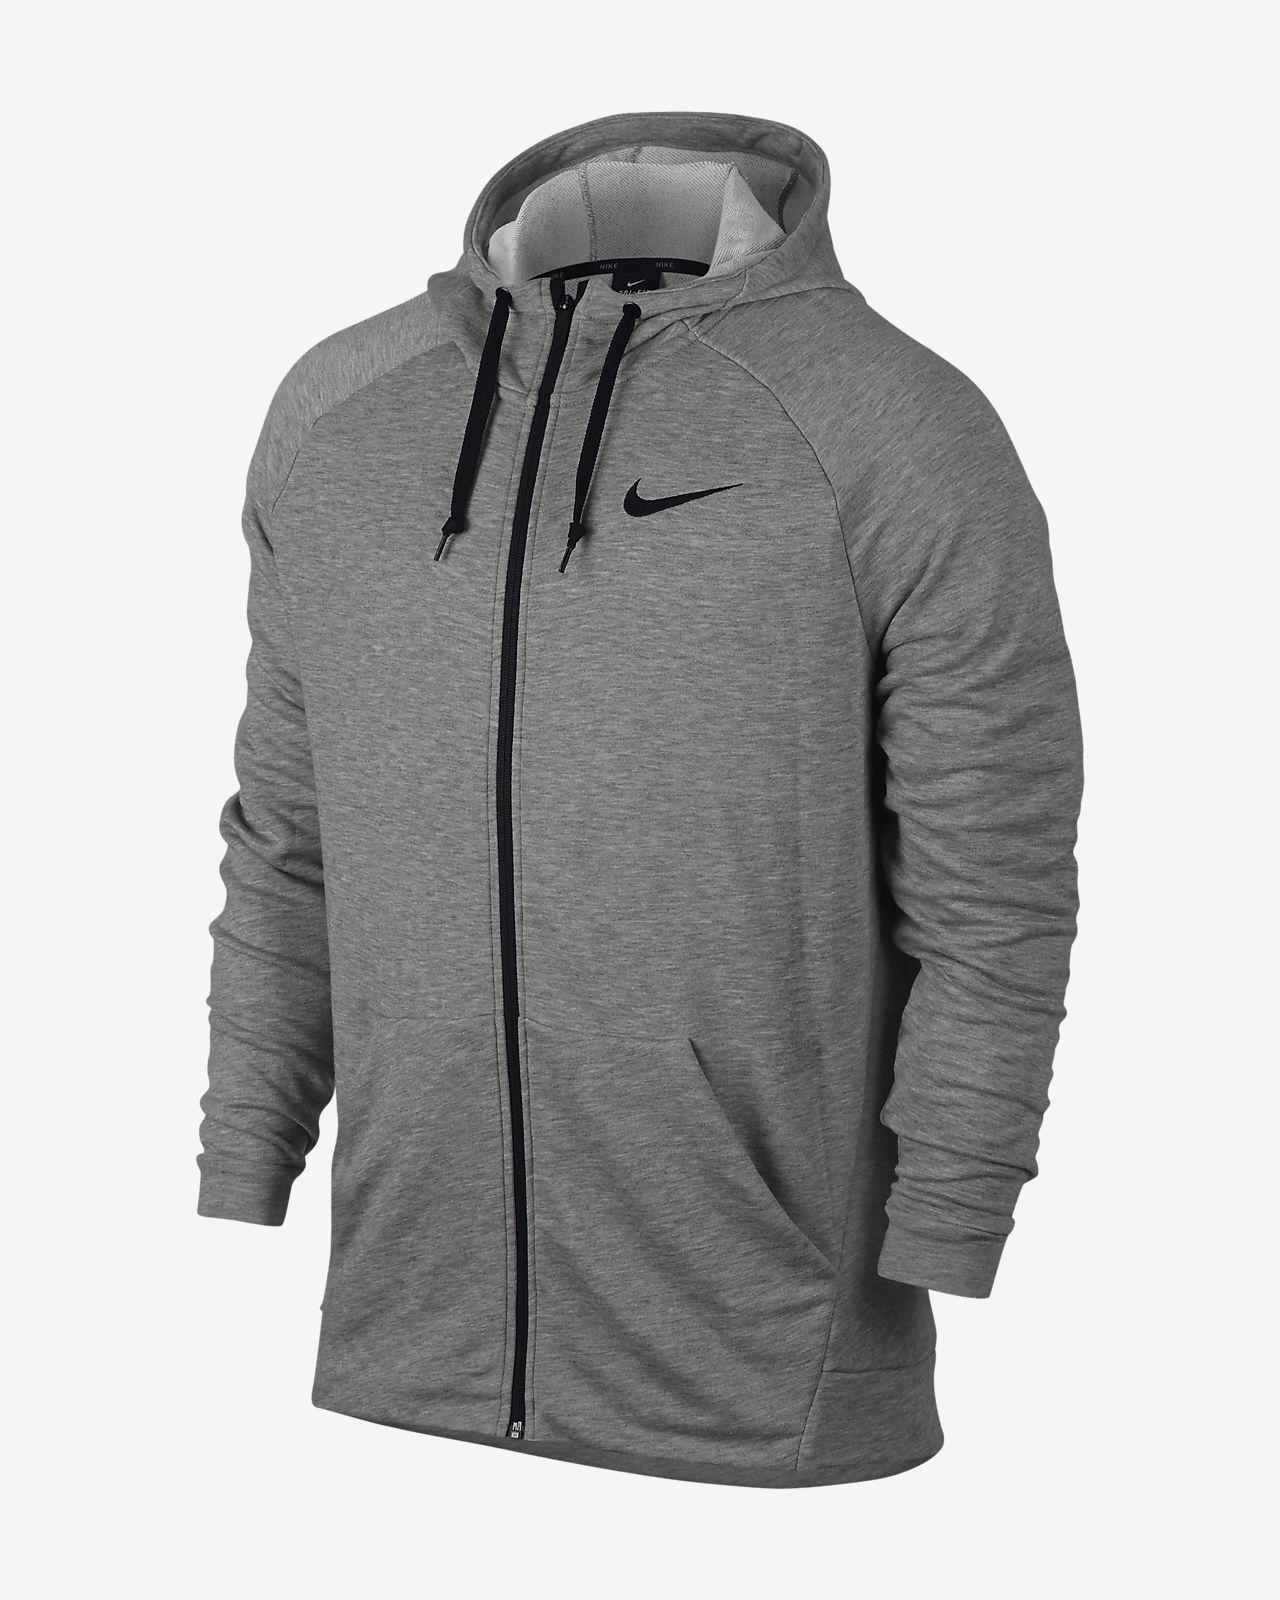 Nike Air Force 1 Felpa con Cappuccio, da Uomo, Taglia XXL